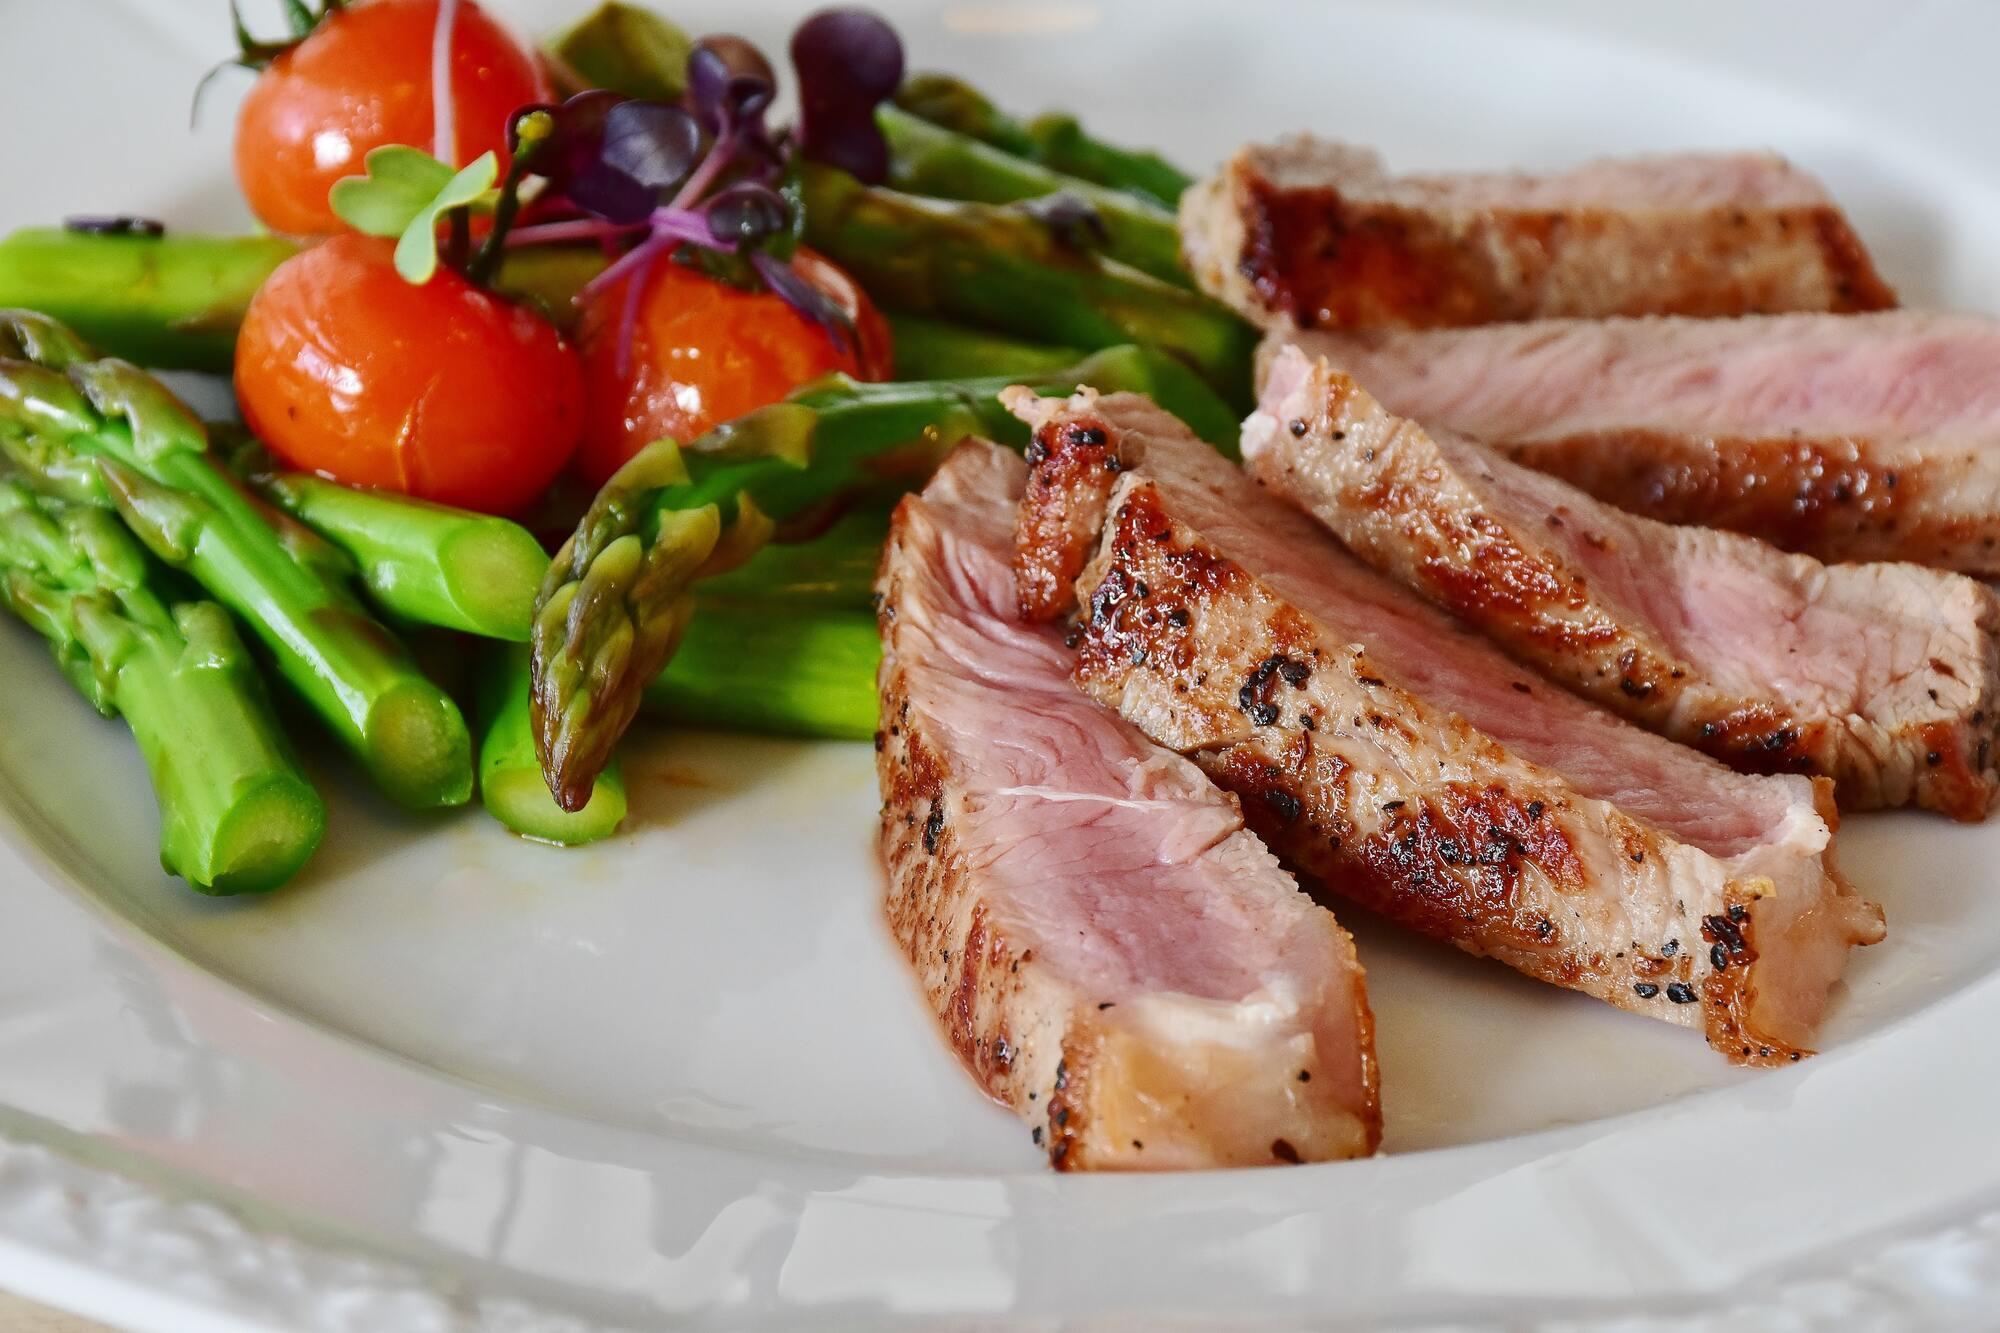 Починати їсти м'ясо після 40-денного посту можна тільки через тиждень